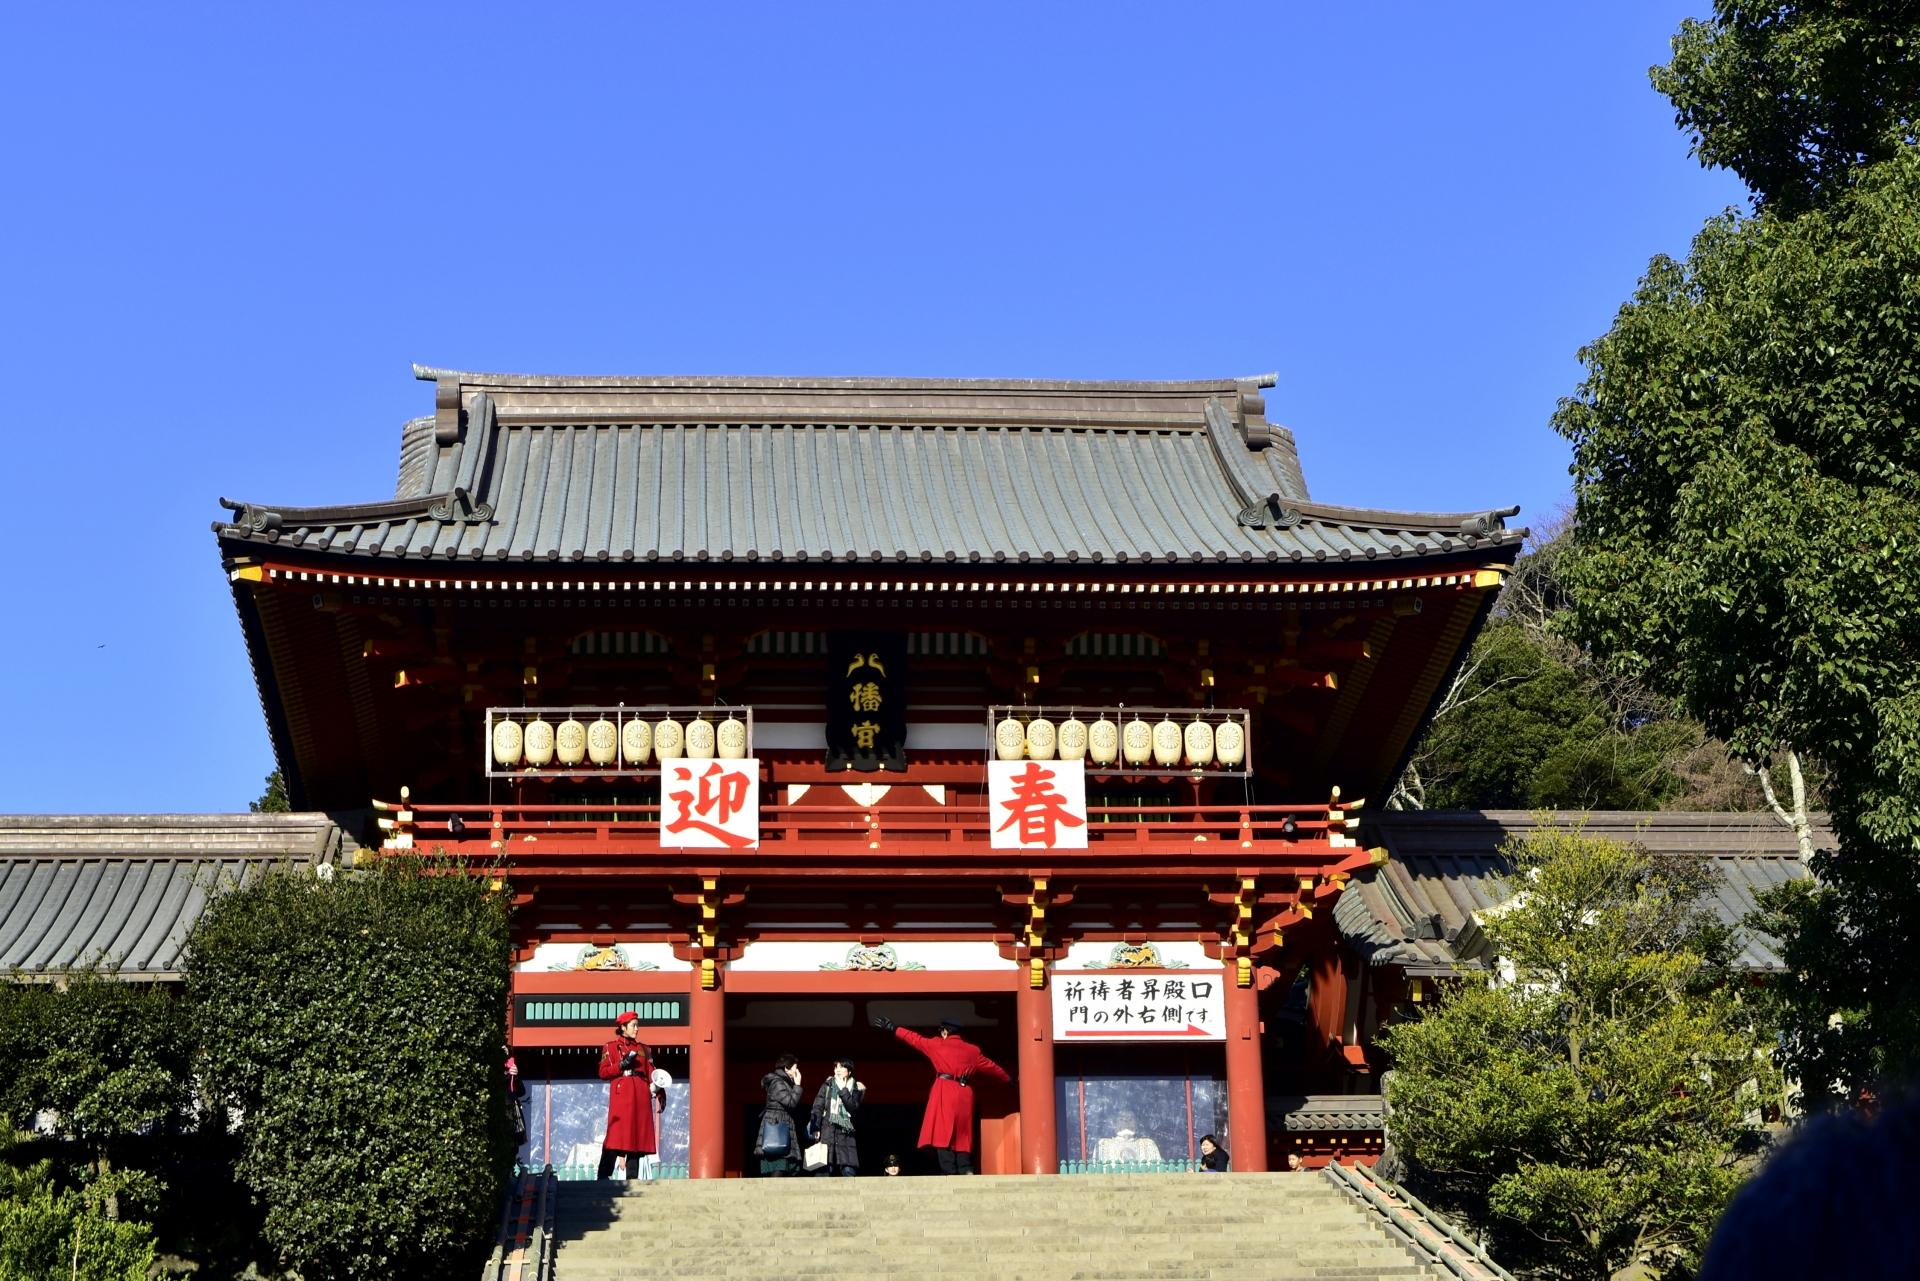 鎌倉 鶴岡八幡宮 本宮